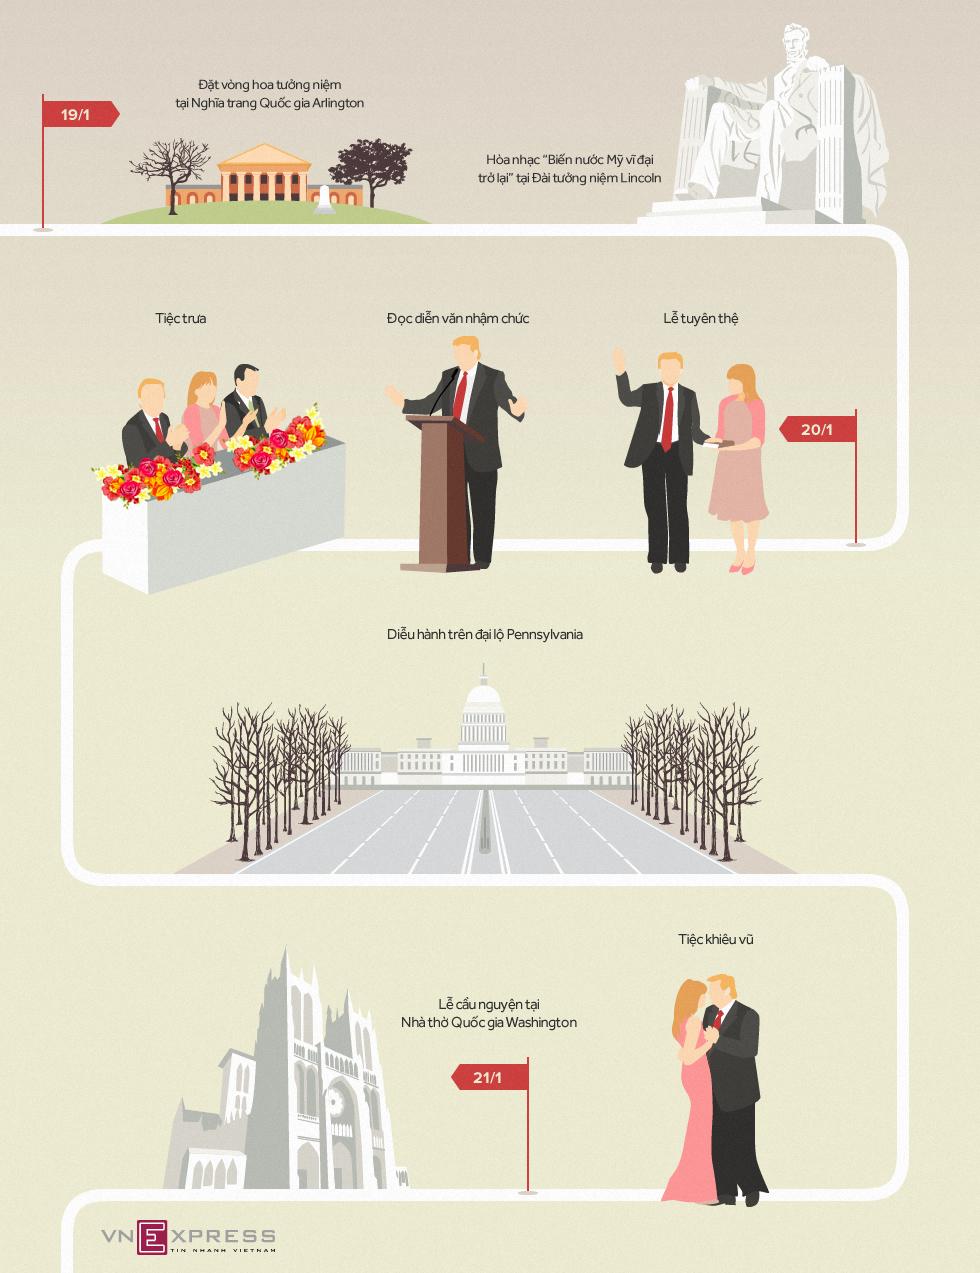 Lịch trình lễ nhậm chức tổng thống của Donald Trump 1